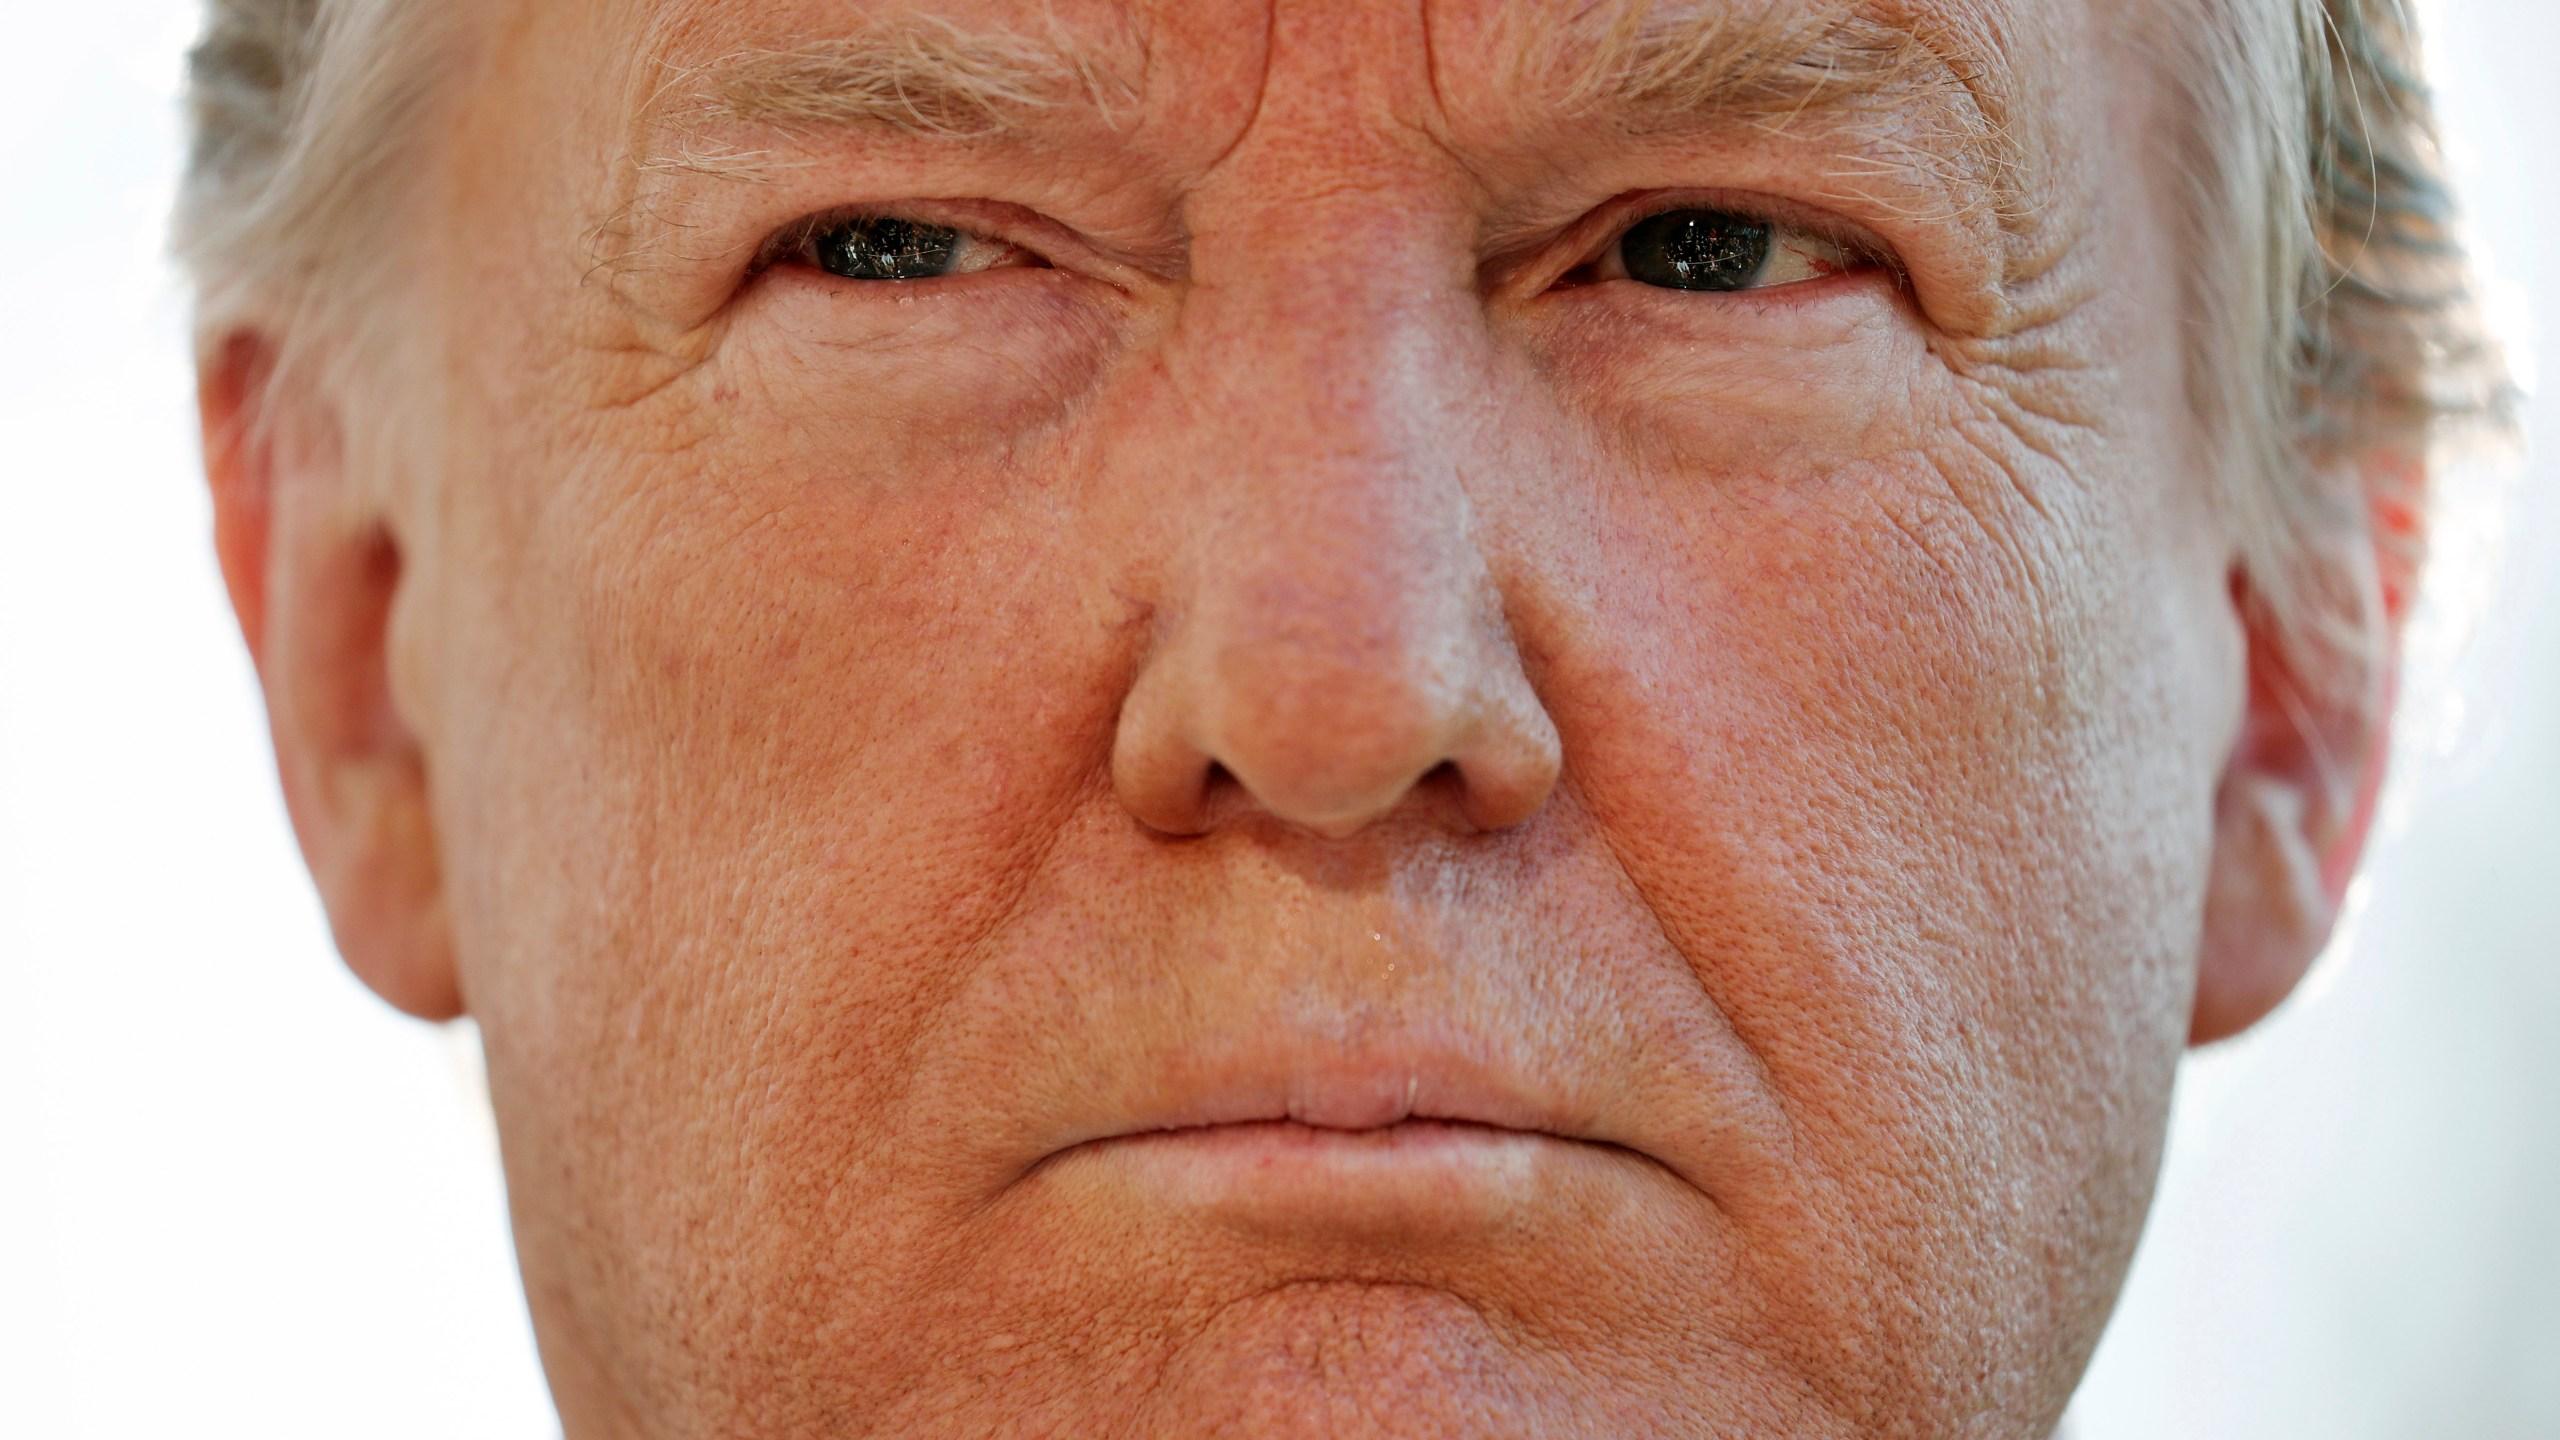 Trump_22439-159532.jpg44978226